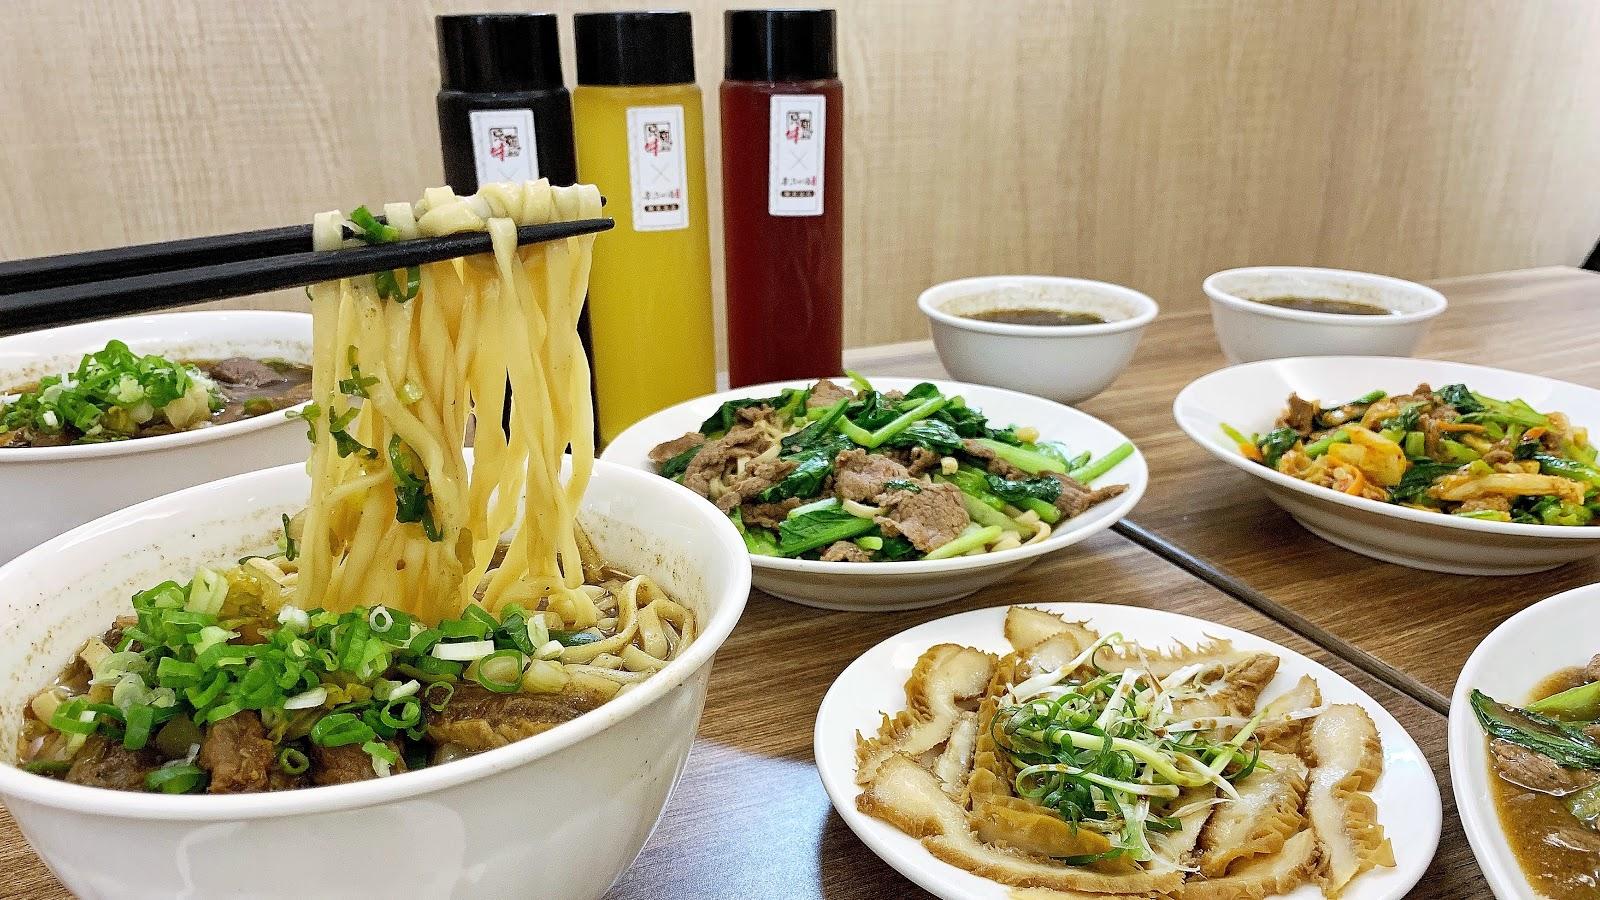 台南中西區美食【只有牛】牛肉料理專賣店,滿足你只想吃牛的慾望!附菜單介紹